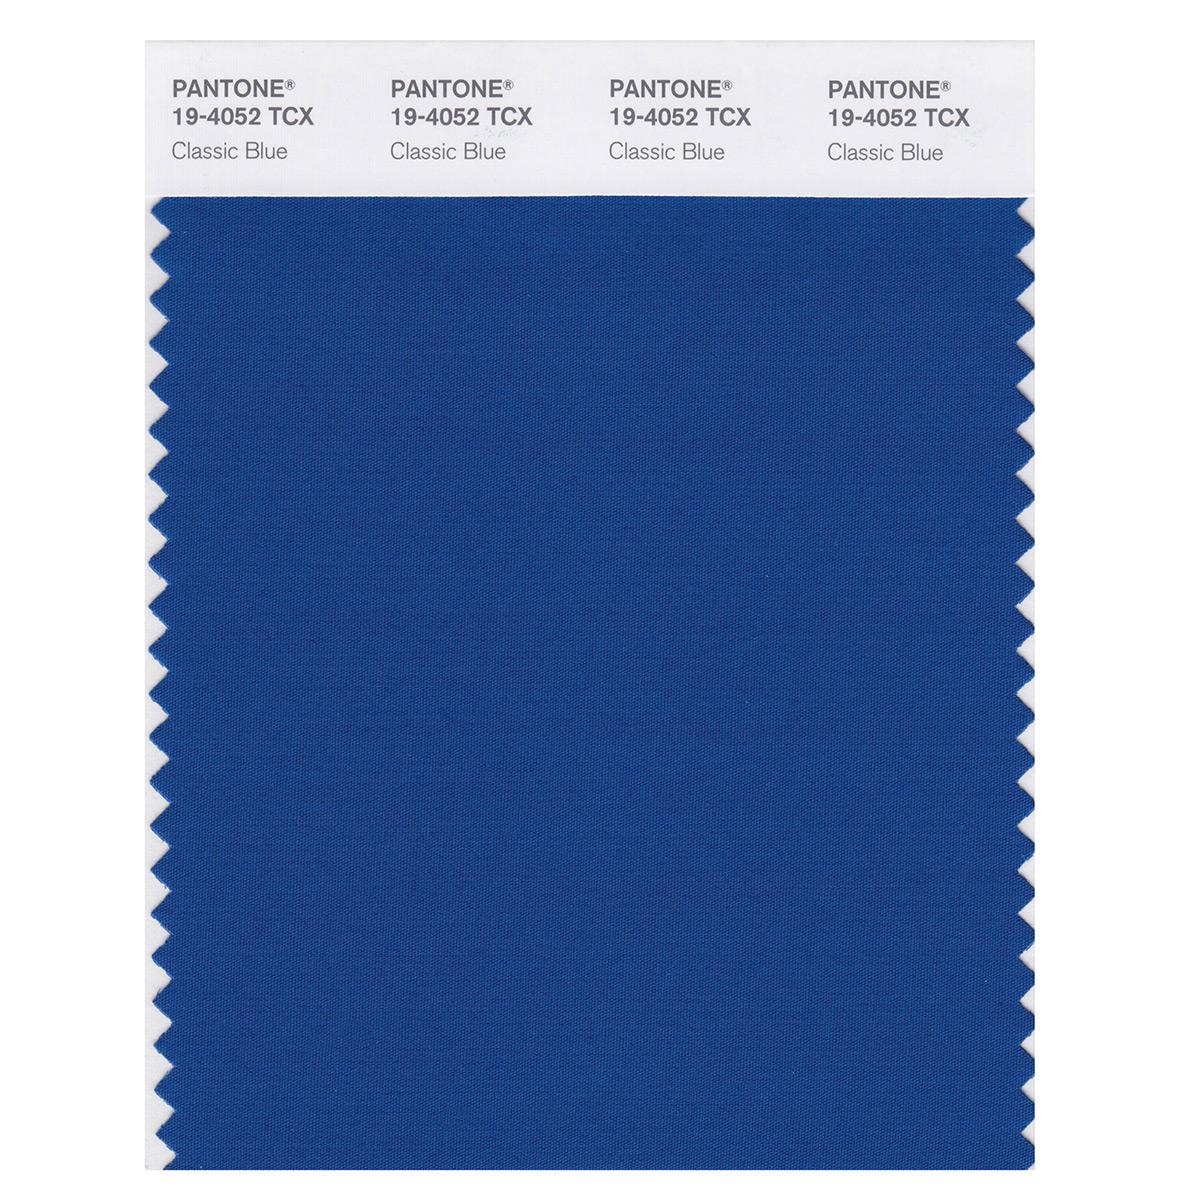 Classic-Blue-Color-Pantone-2020-02